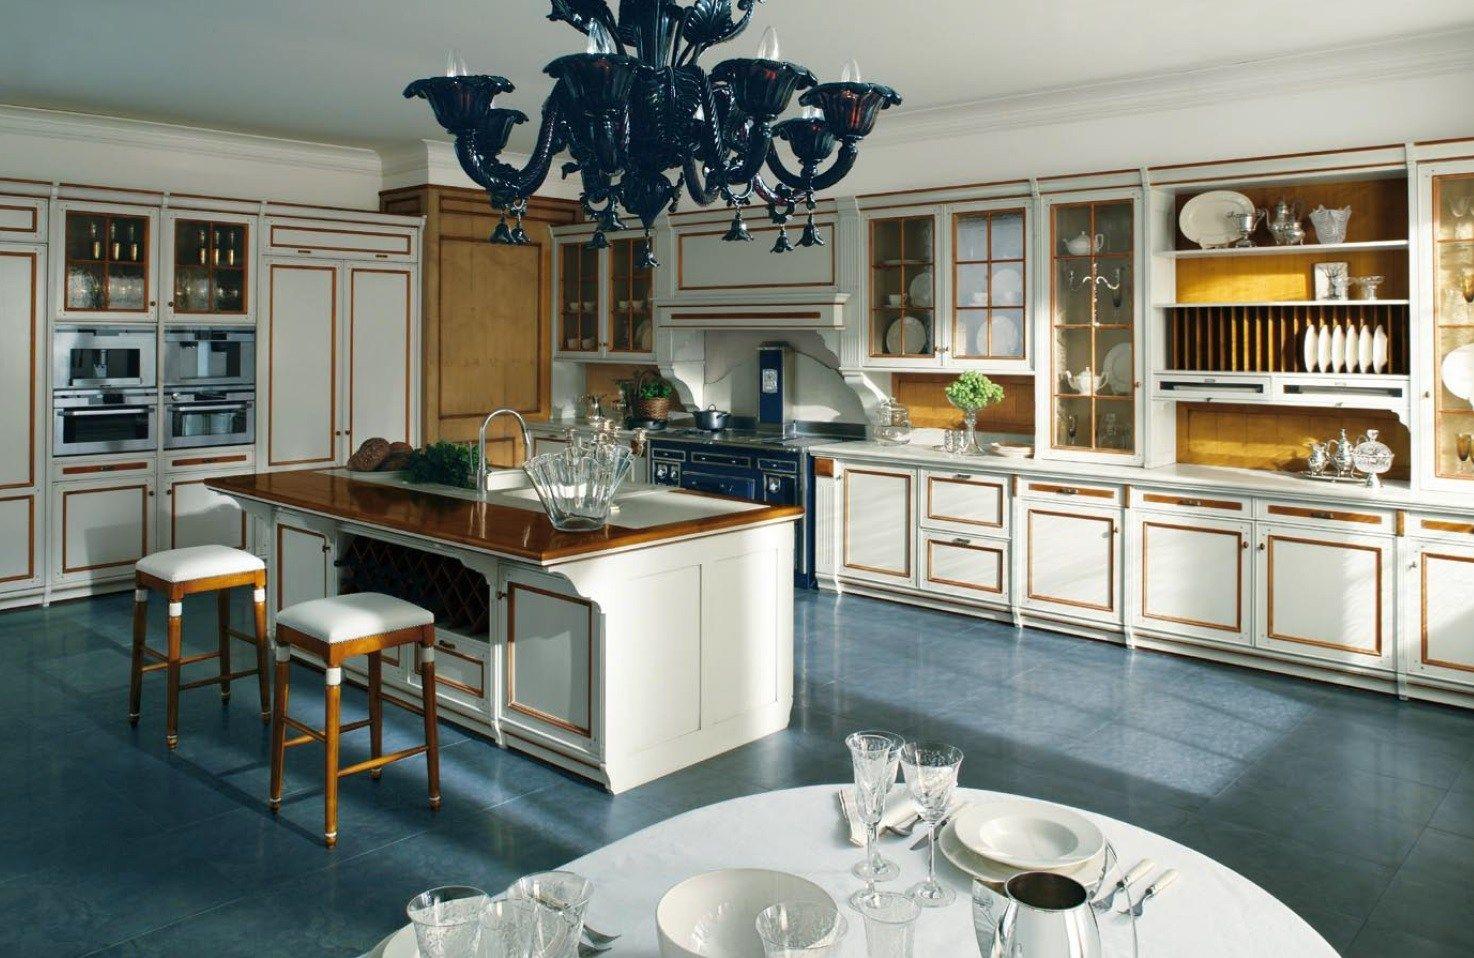 Cucine Stile Barocco Veneziano. Cheap Barocco With Cucine Stile ...